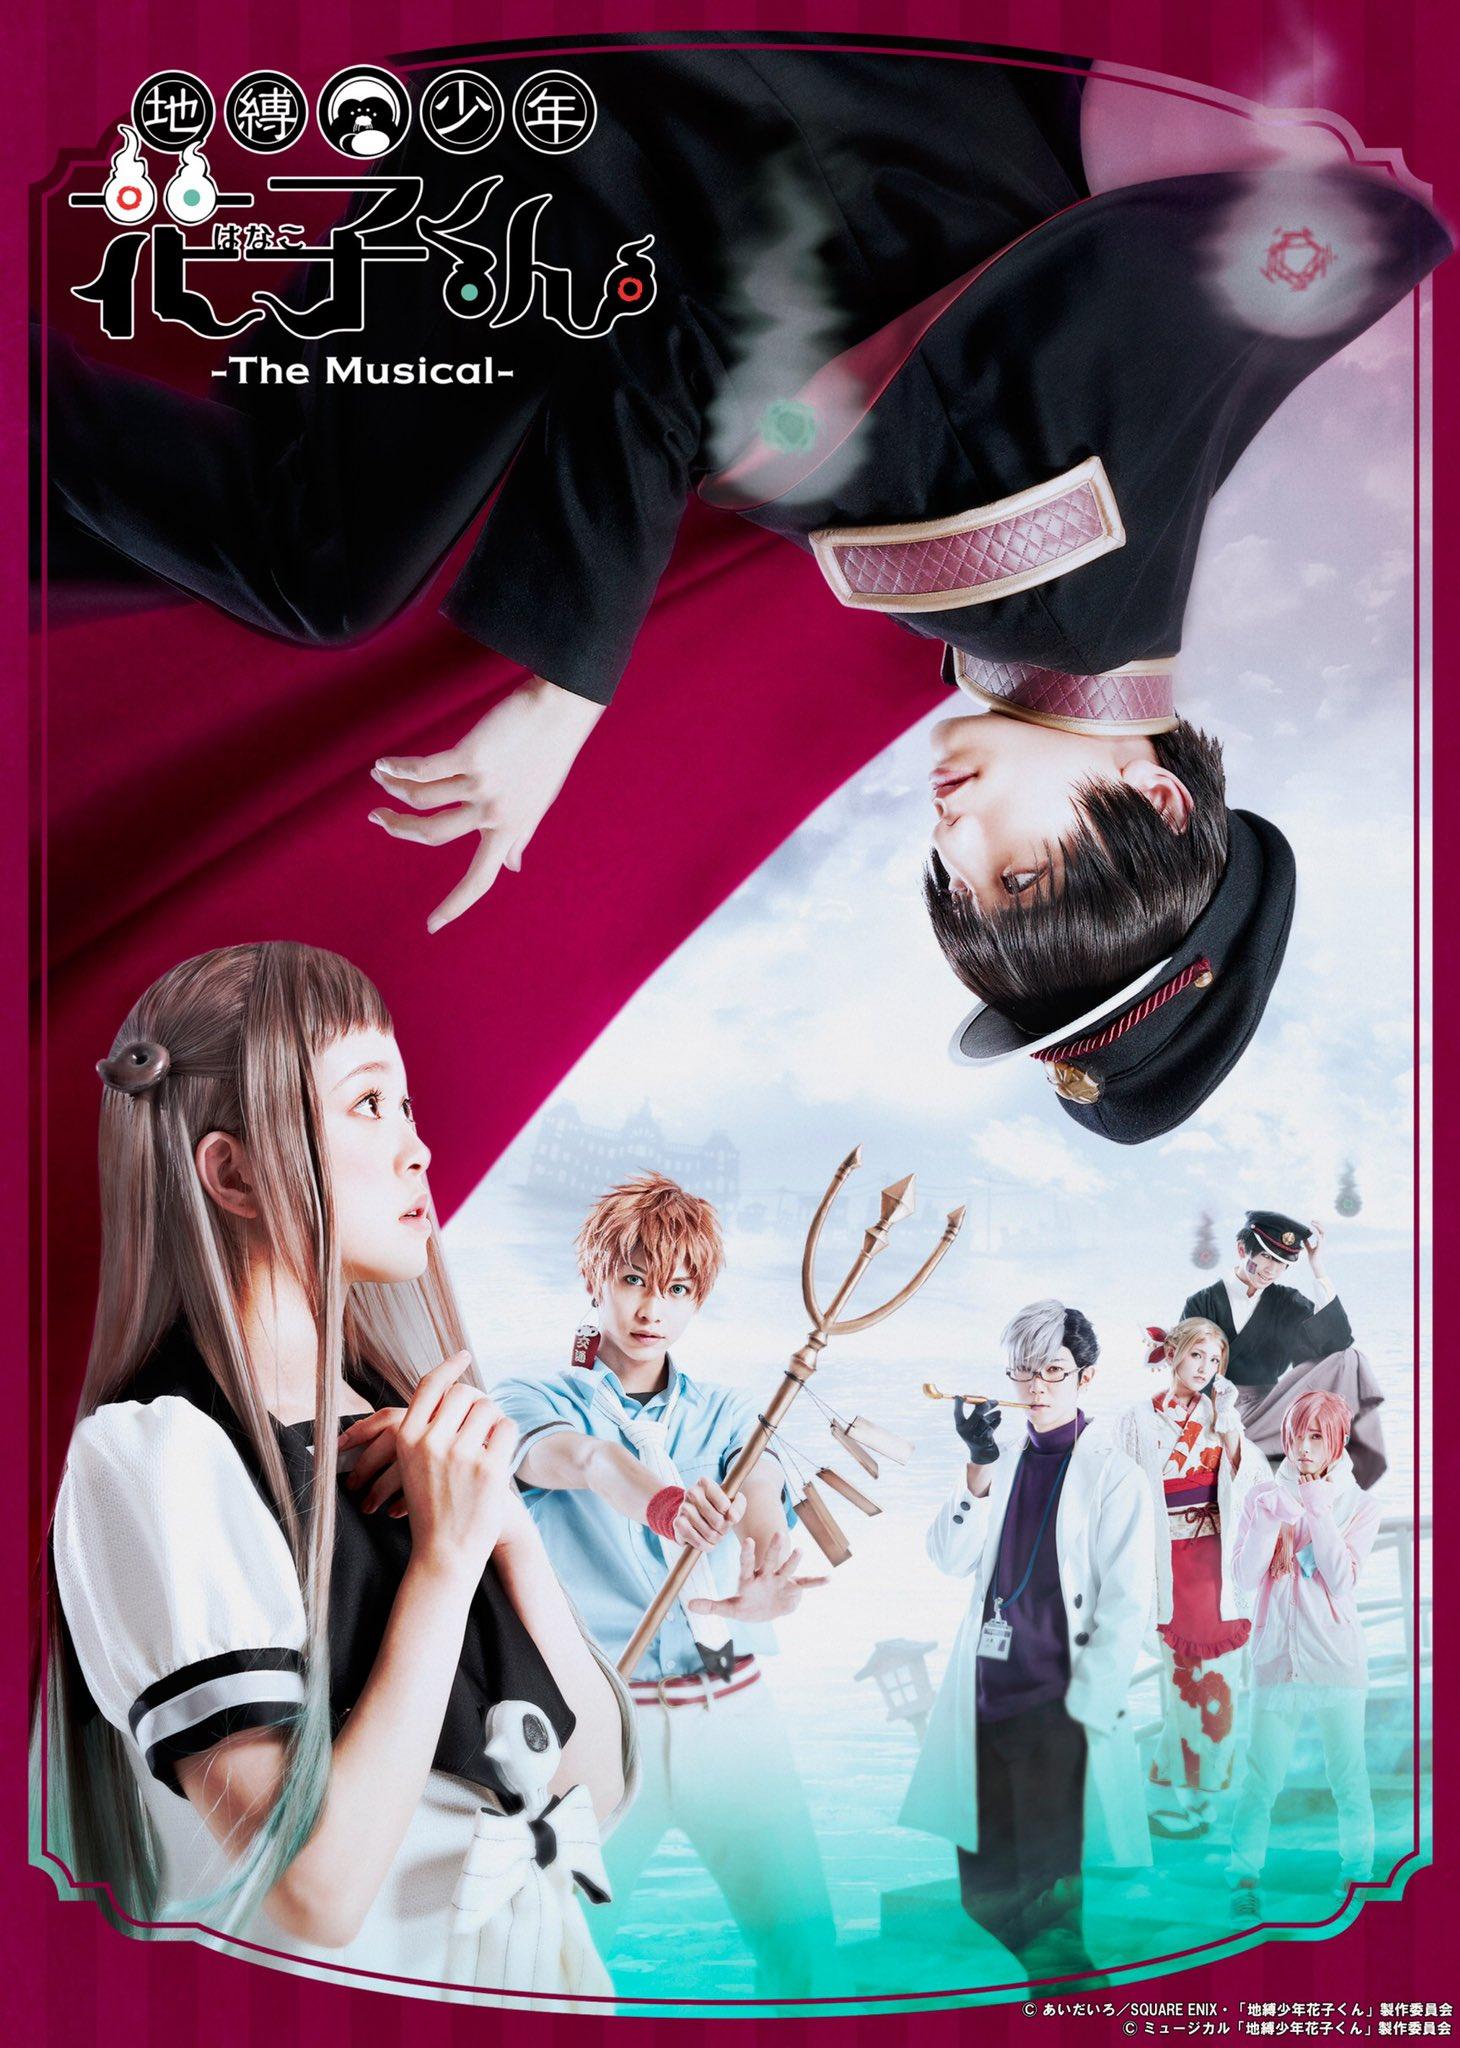 「地縛少年花子くん-The Musical-」メインビジュアル公開!見つめ合う花子くん&寧々の表情に注目